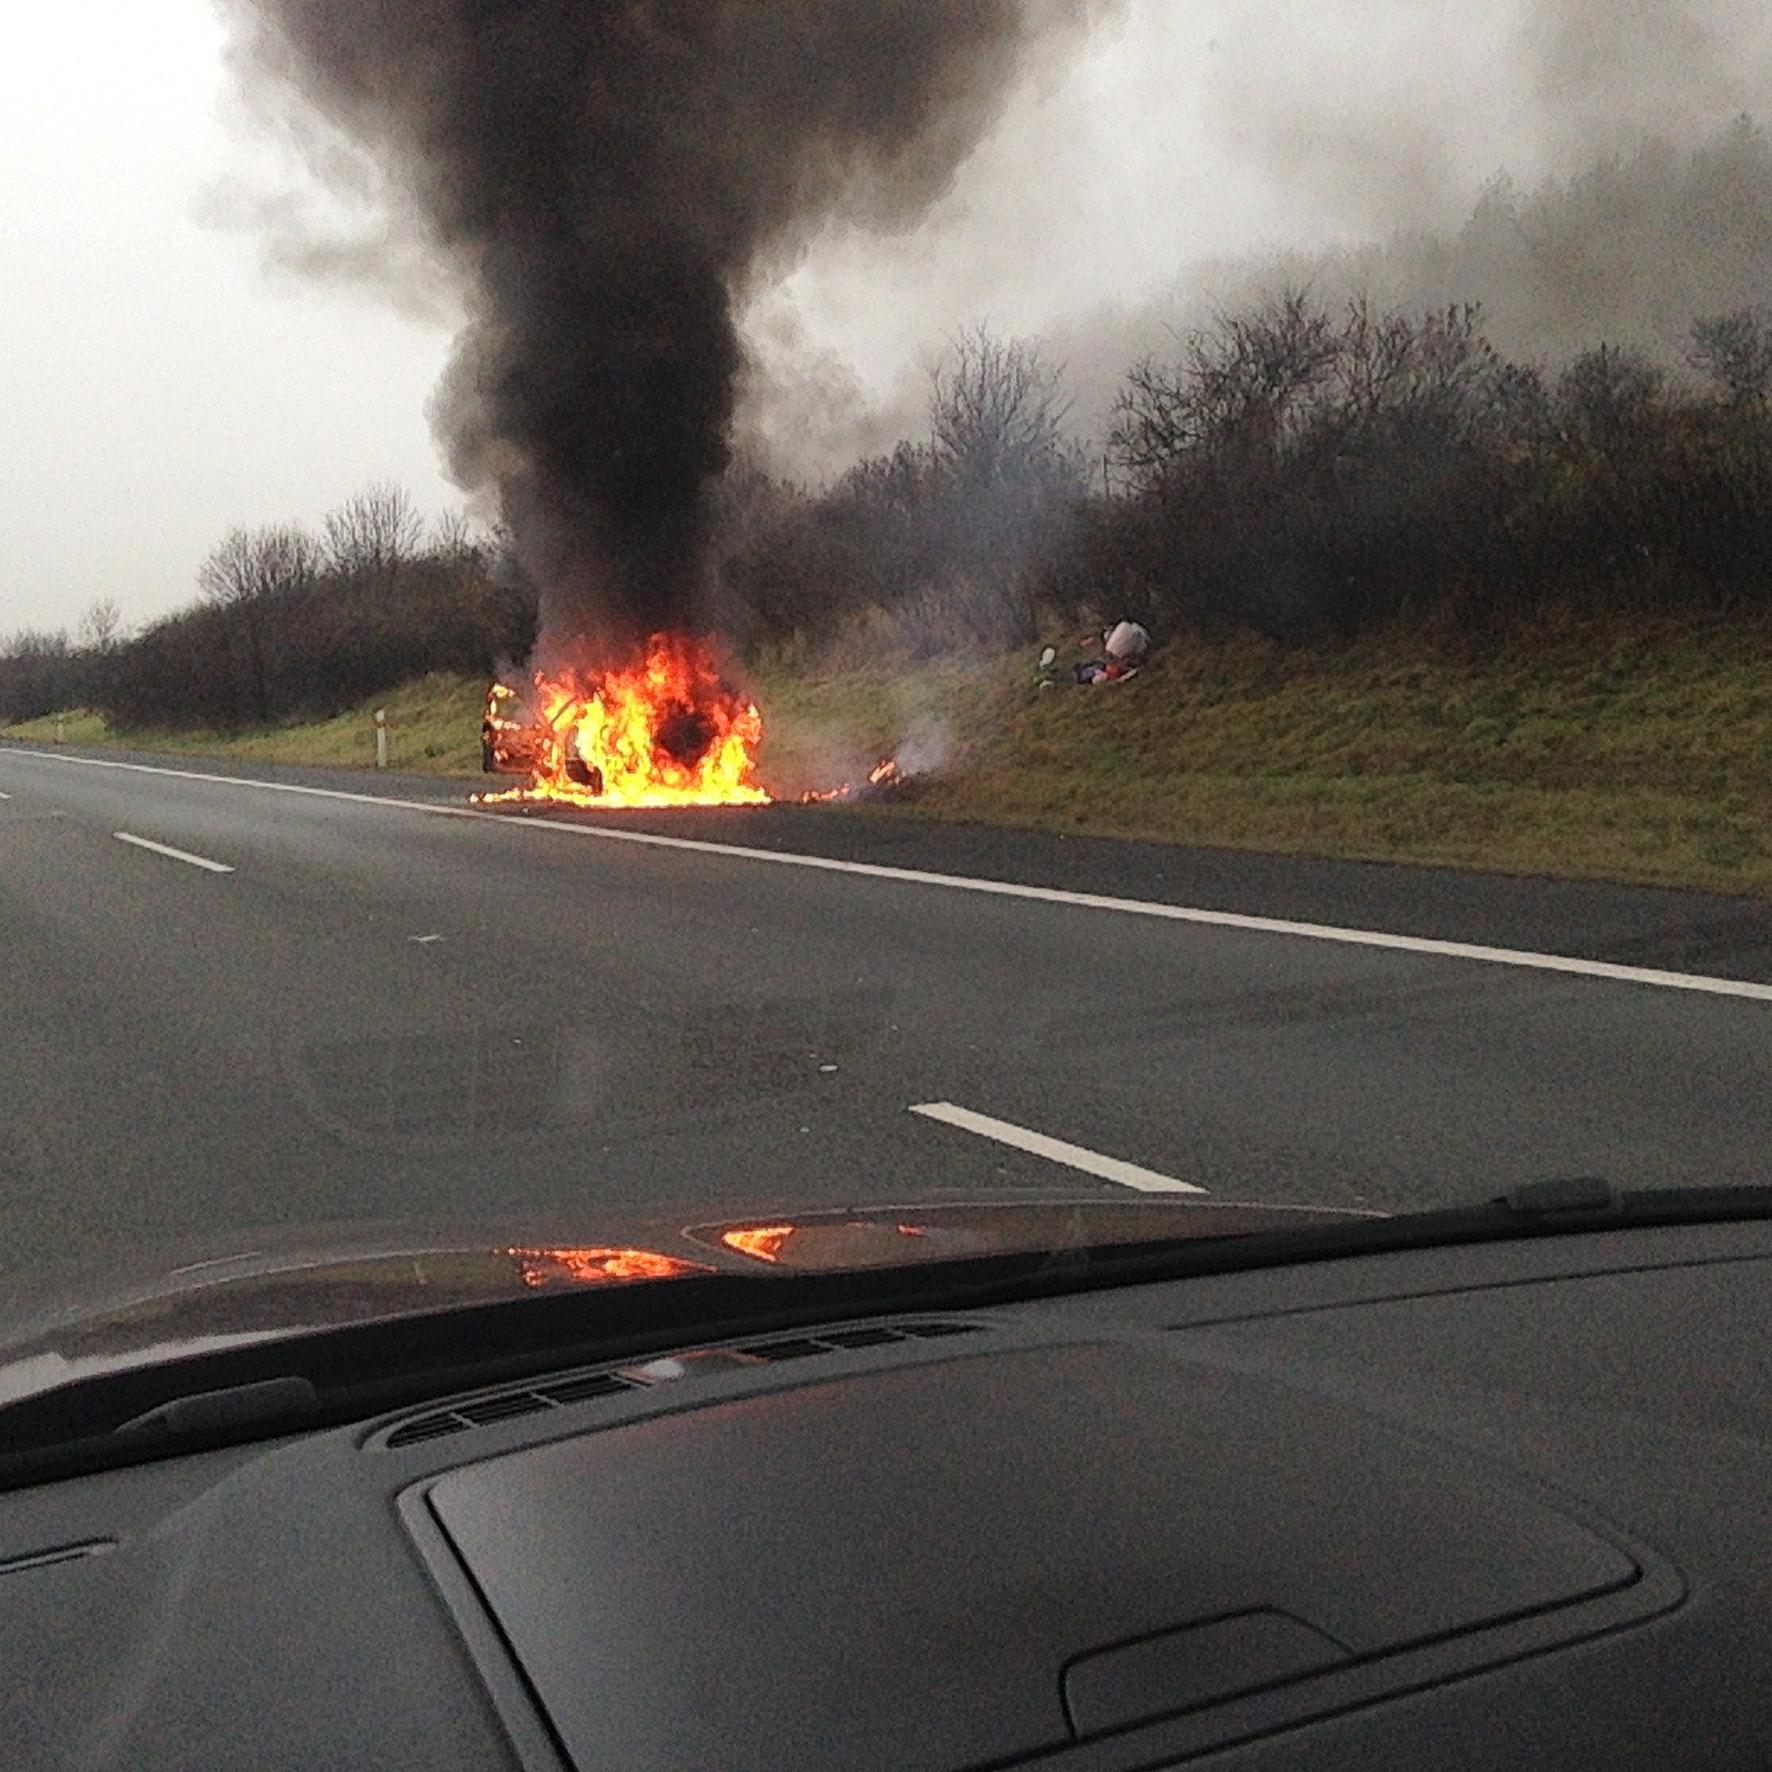 mid Groß-Gerau - Vorsicht Brandgefahr: Ein Unfall mit einem Elektroauto kann fatale Folgen haben. edusoft / pixabay.com